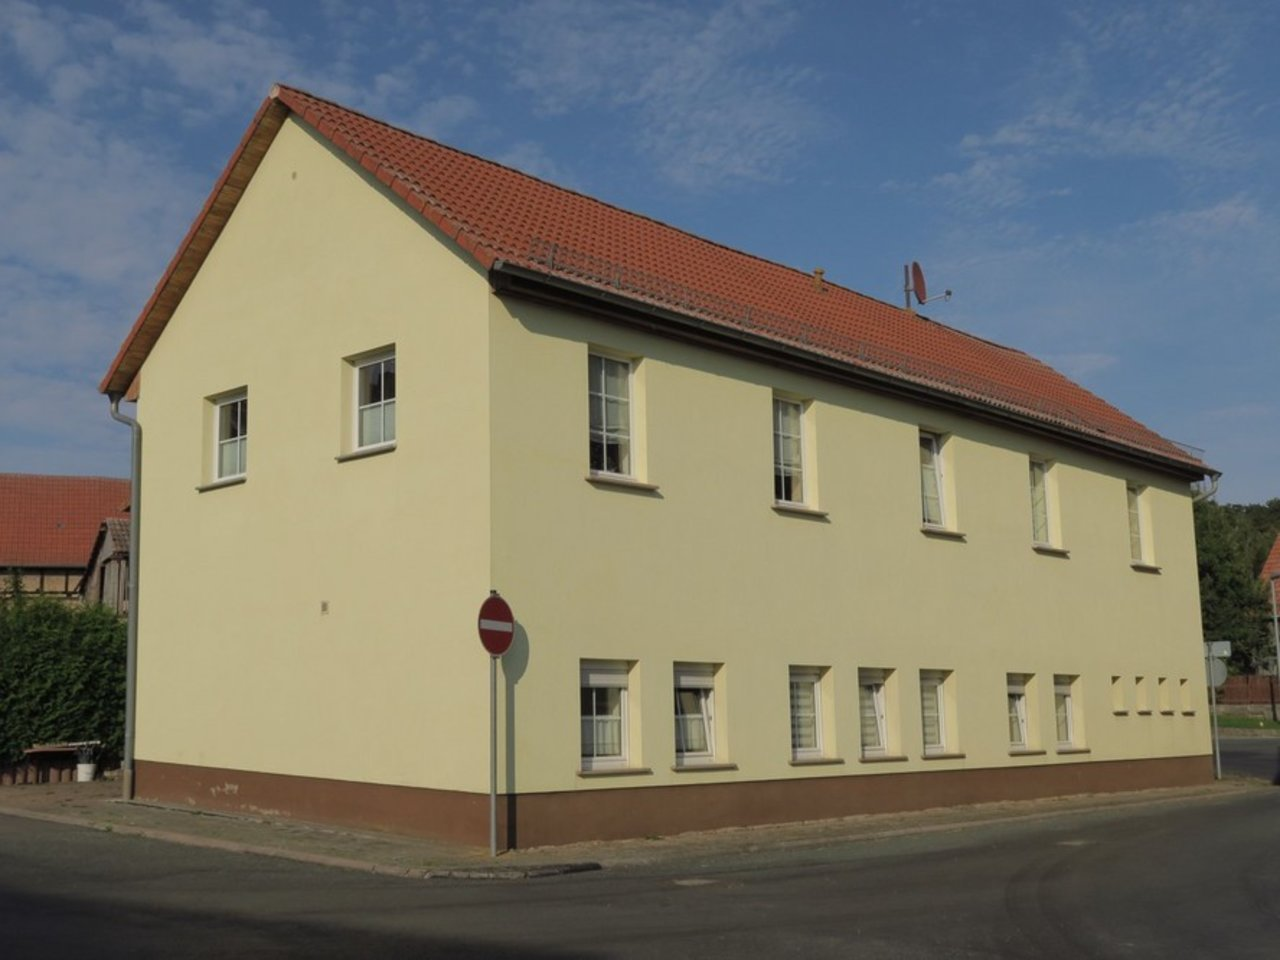 Komplett modernisiertes Zweifamilienhaus in Kettmannshausen-Gesamtansicht Haus